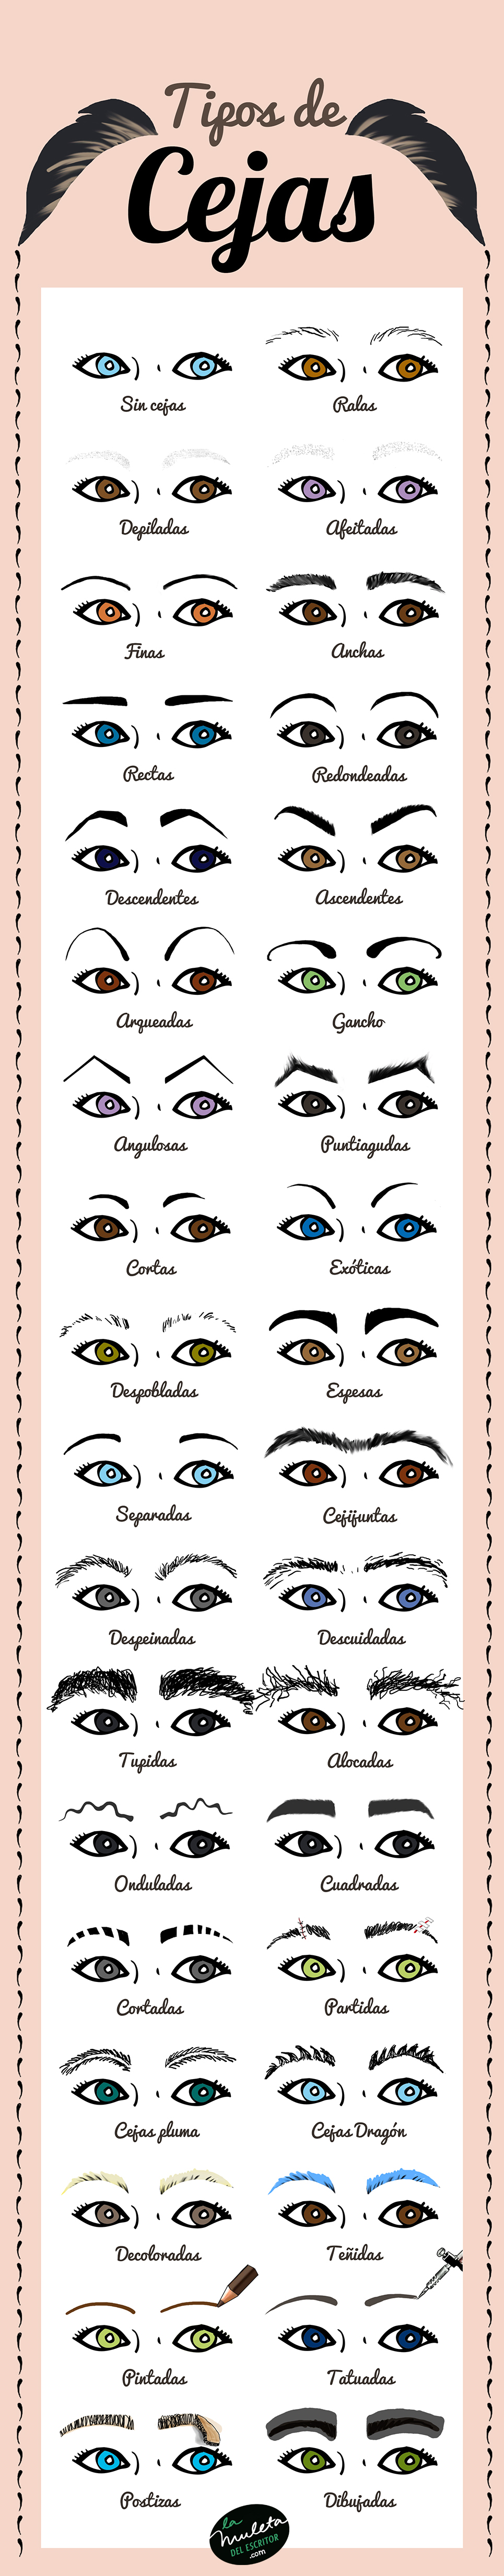 tipos de cejas